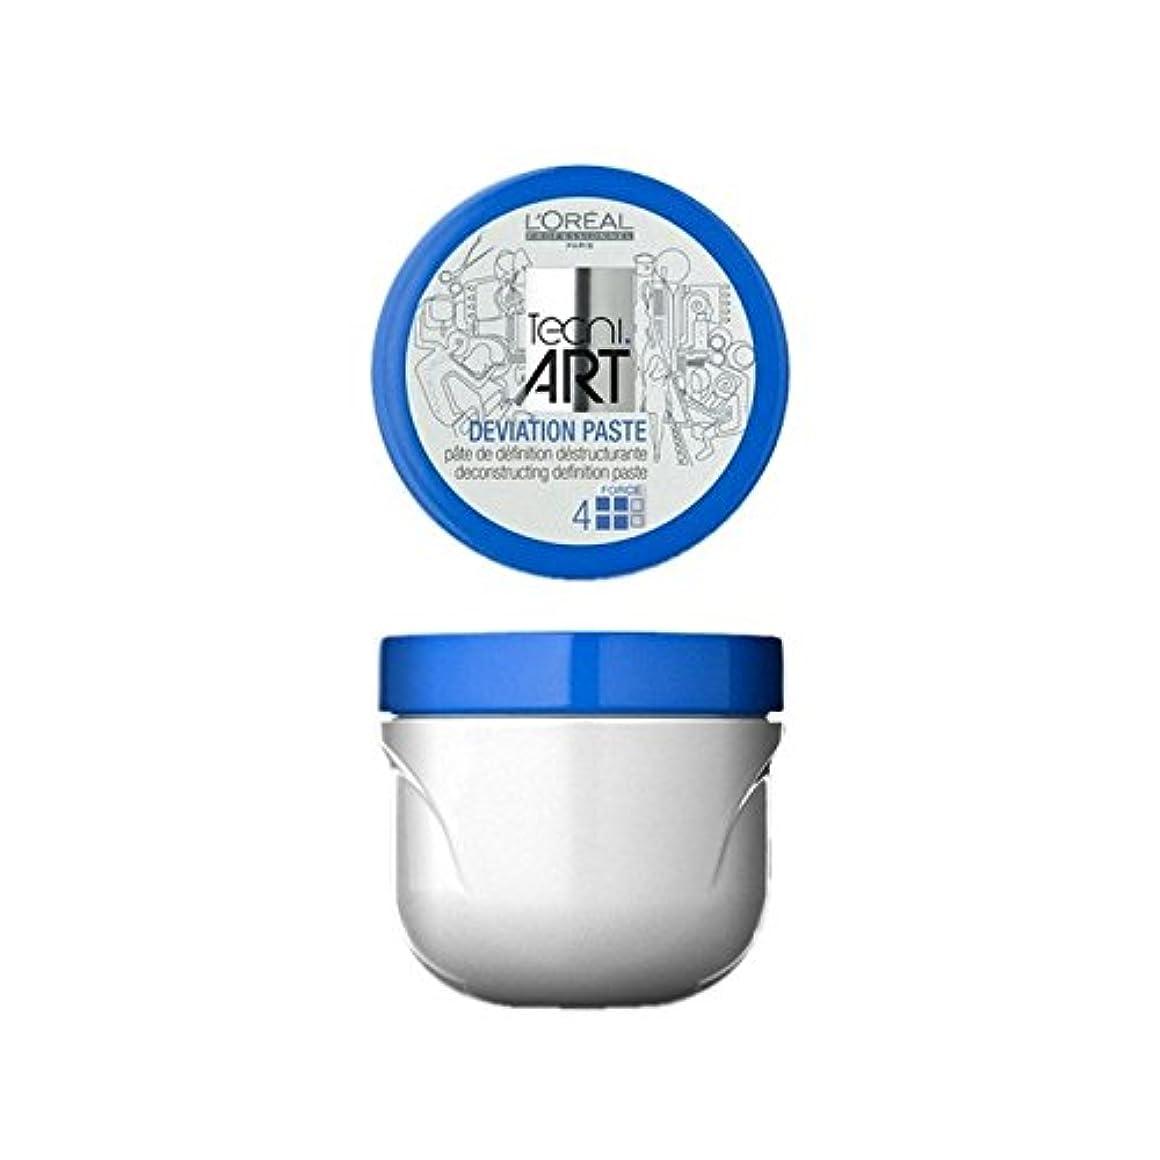 取得トラフィックまた明日ねロレアルプロフェッショナル技術偏差ペースト(100)に x2 - L'Oreal Professionnel Tecni Art Deviation Paste (100ml) (Pack of 2) [並行輸入品]